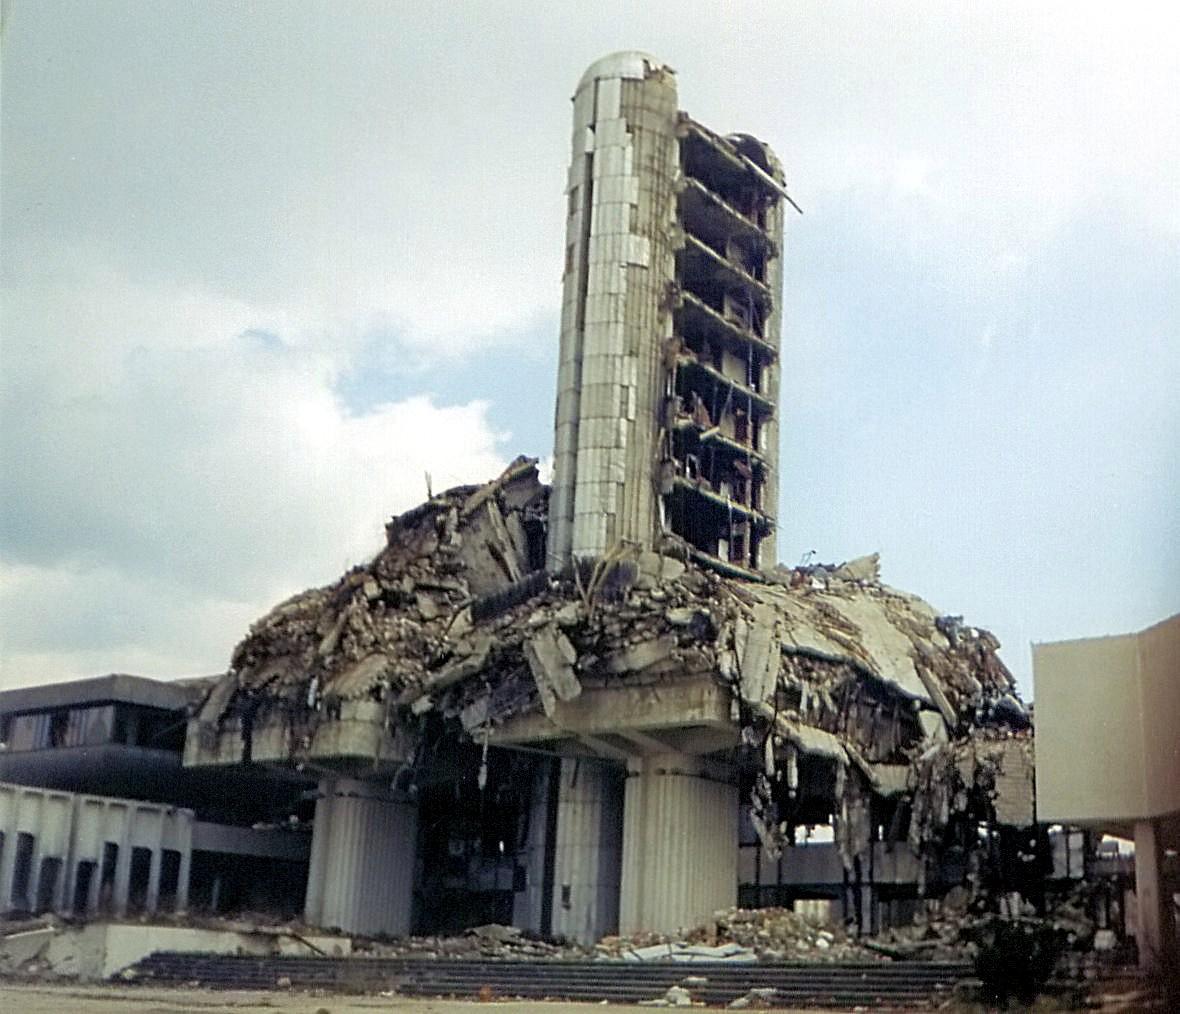 Istraživanja: Da li će u BiH ponovo izbiti rat?